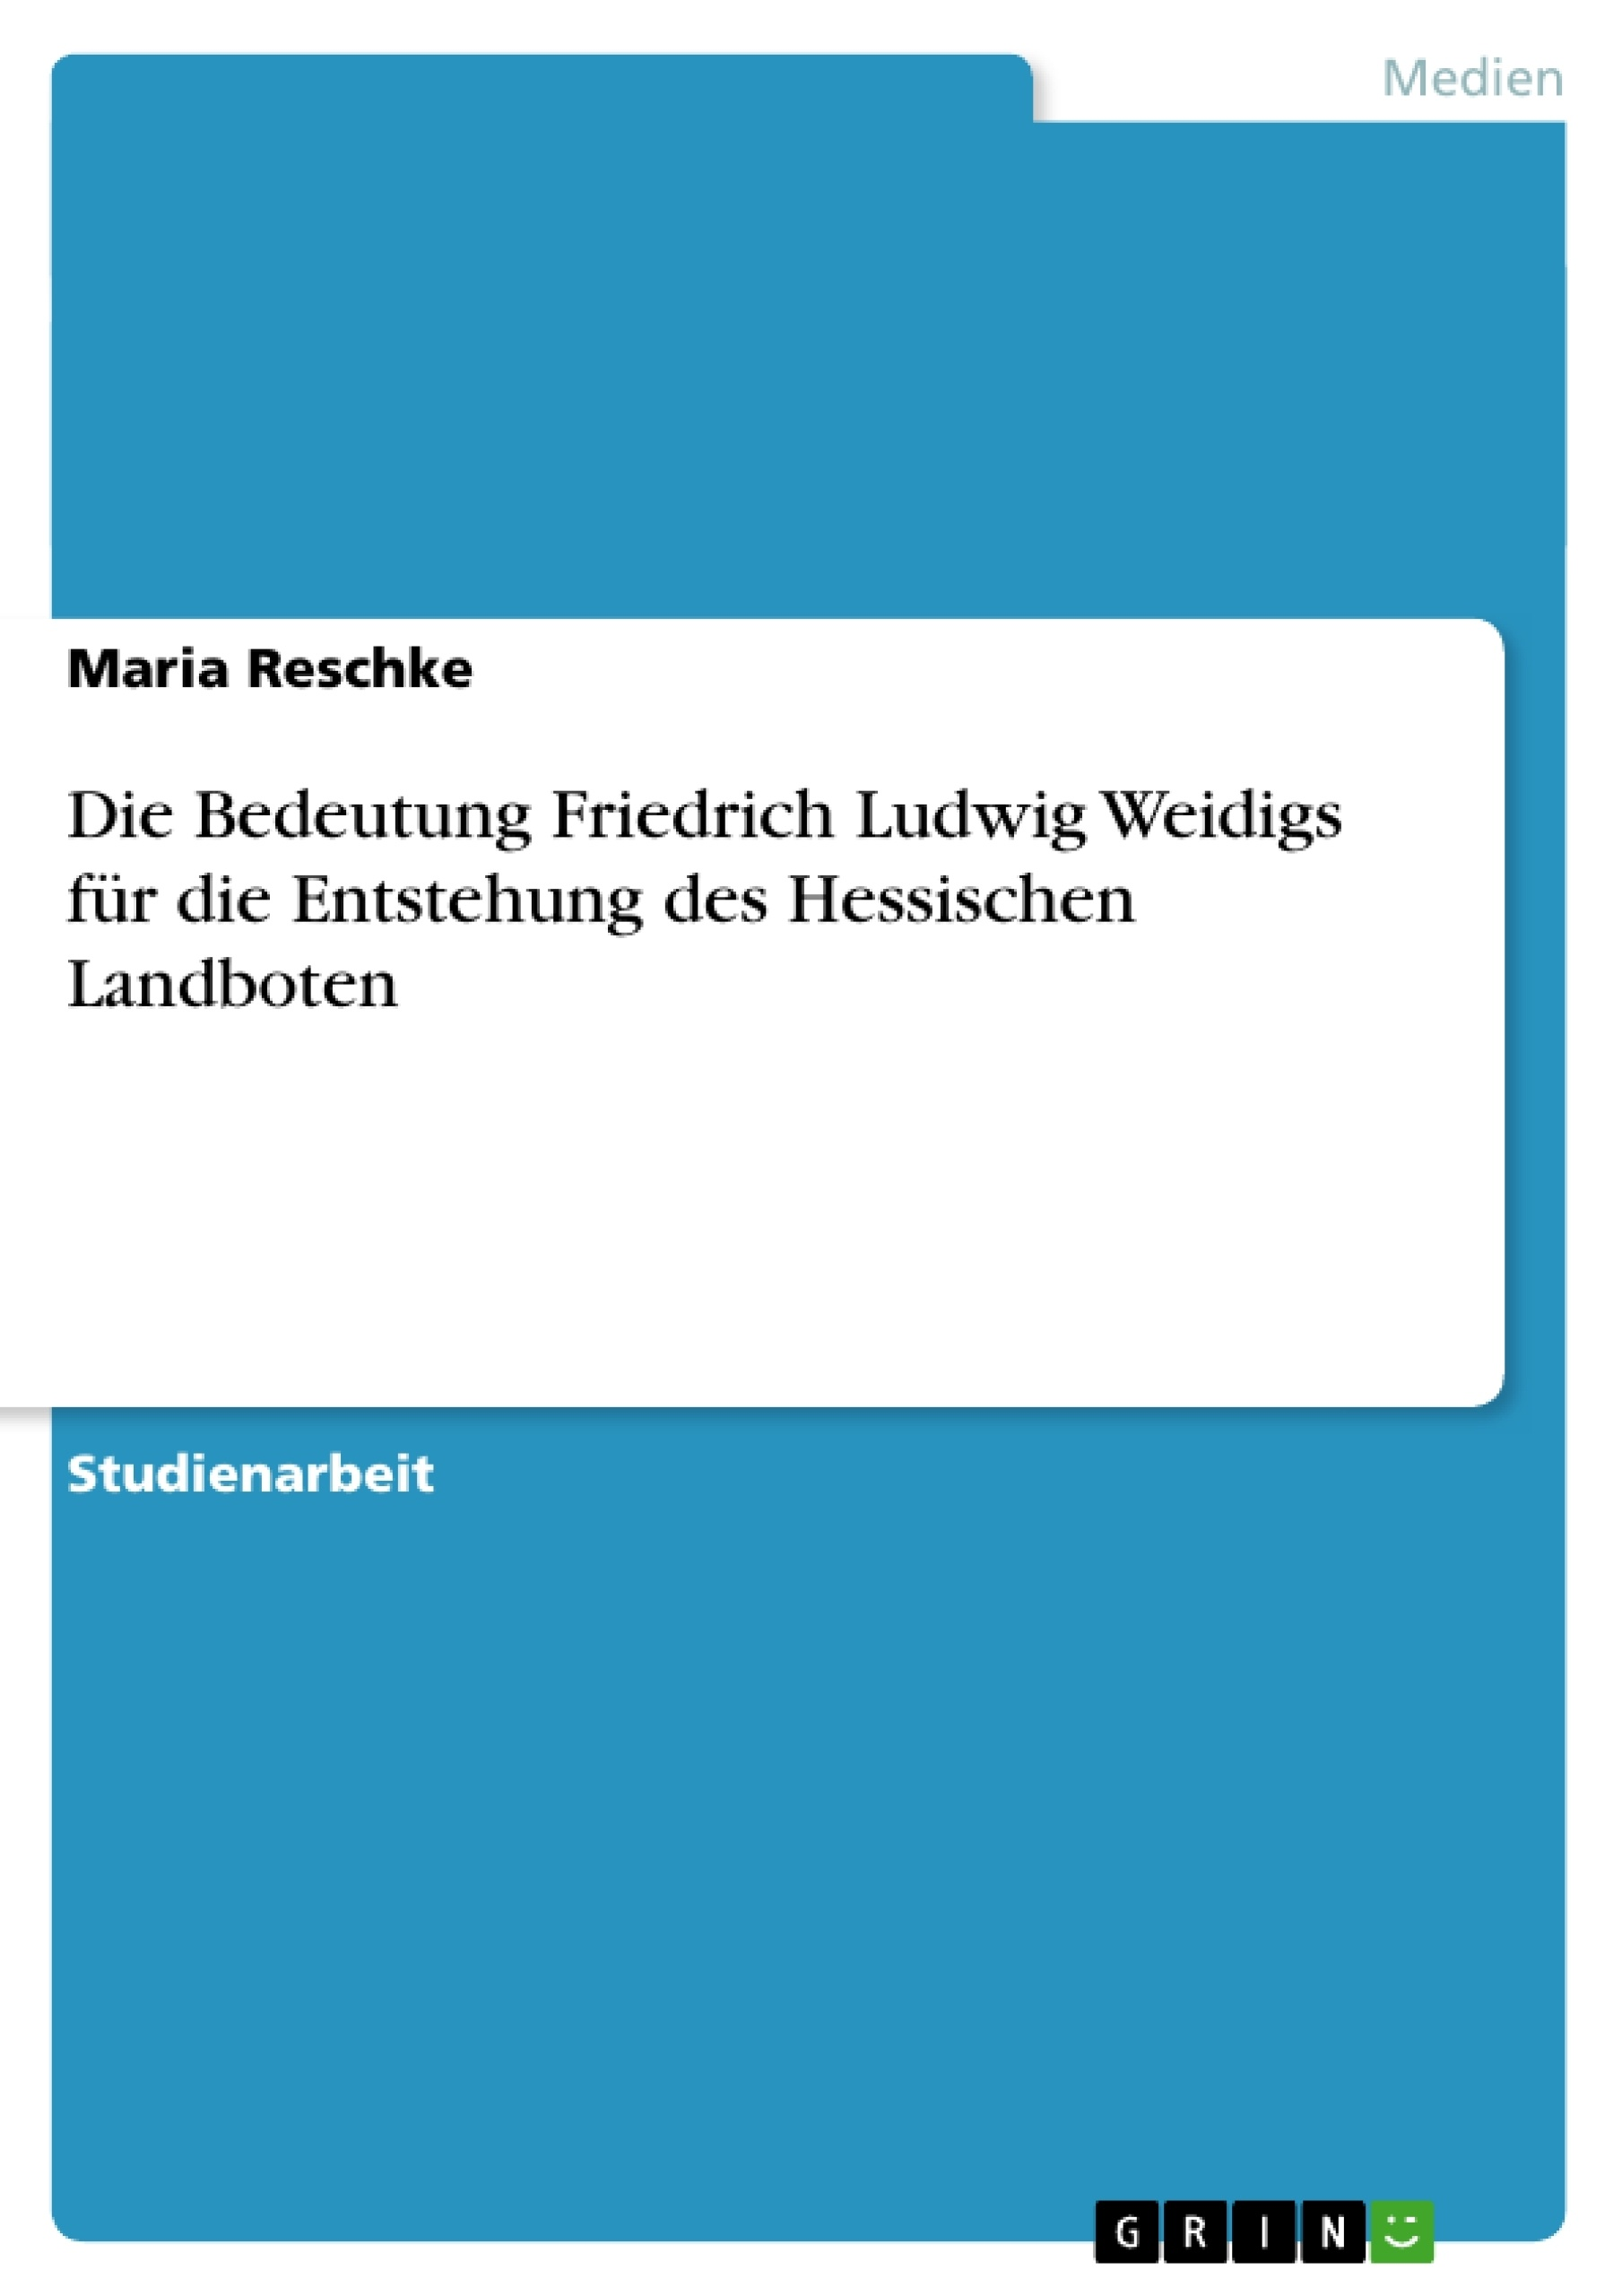 Titel: Die Bedeutung Friedrich Ludwig Weidigs für die Entstehung des Hessischen Landboten